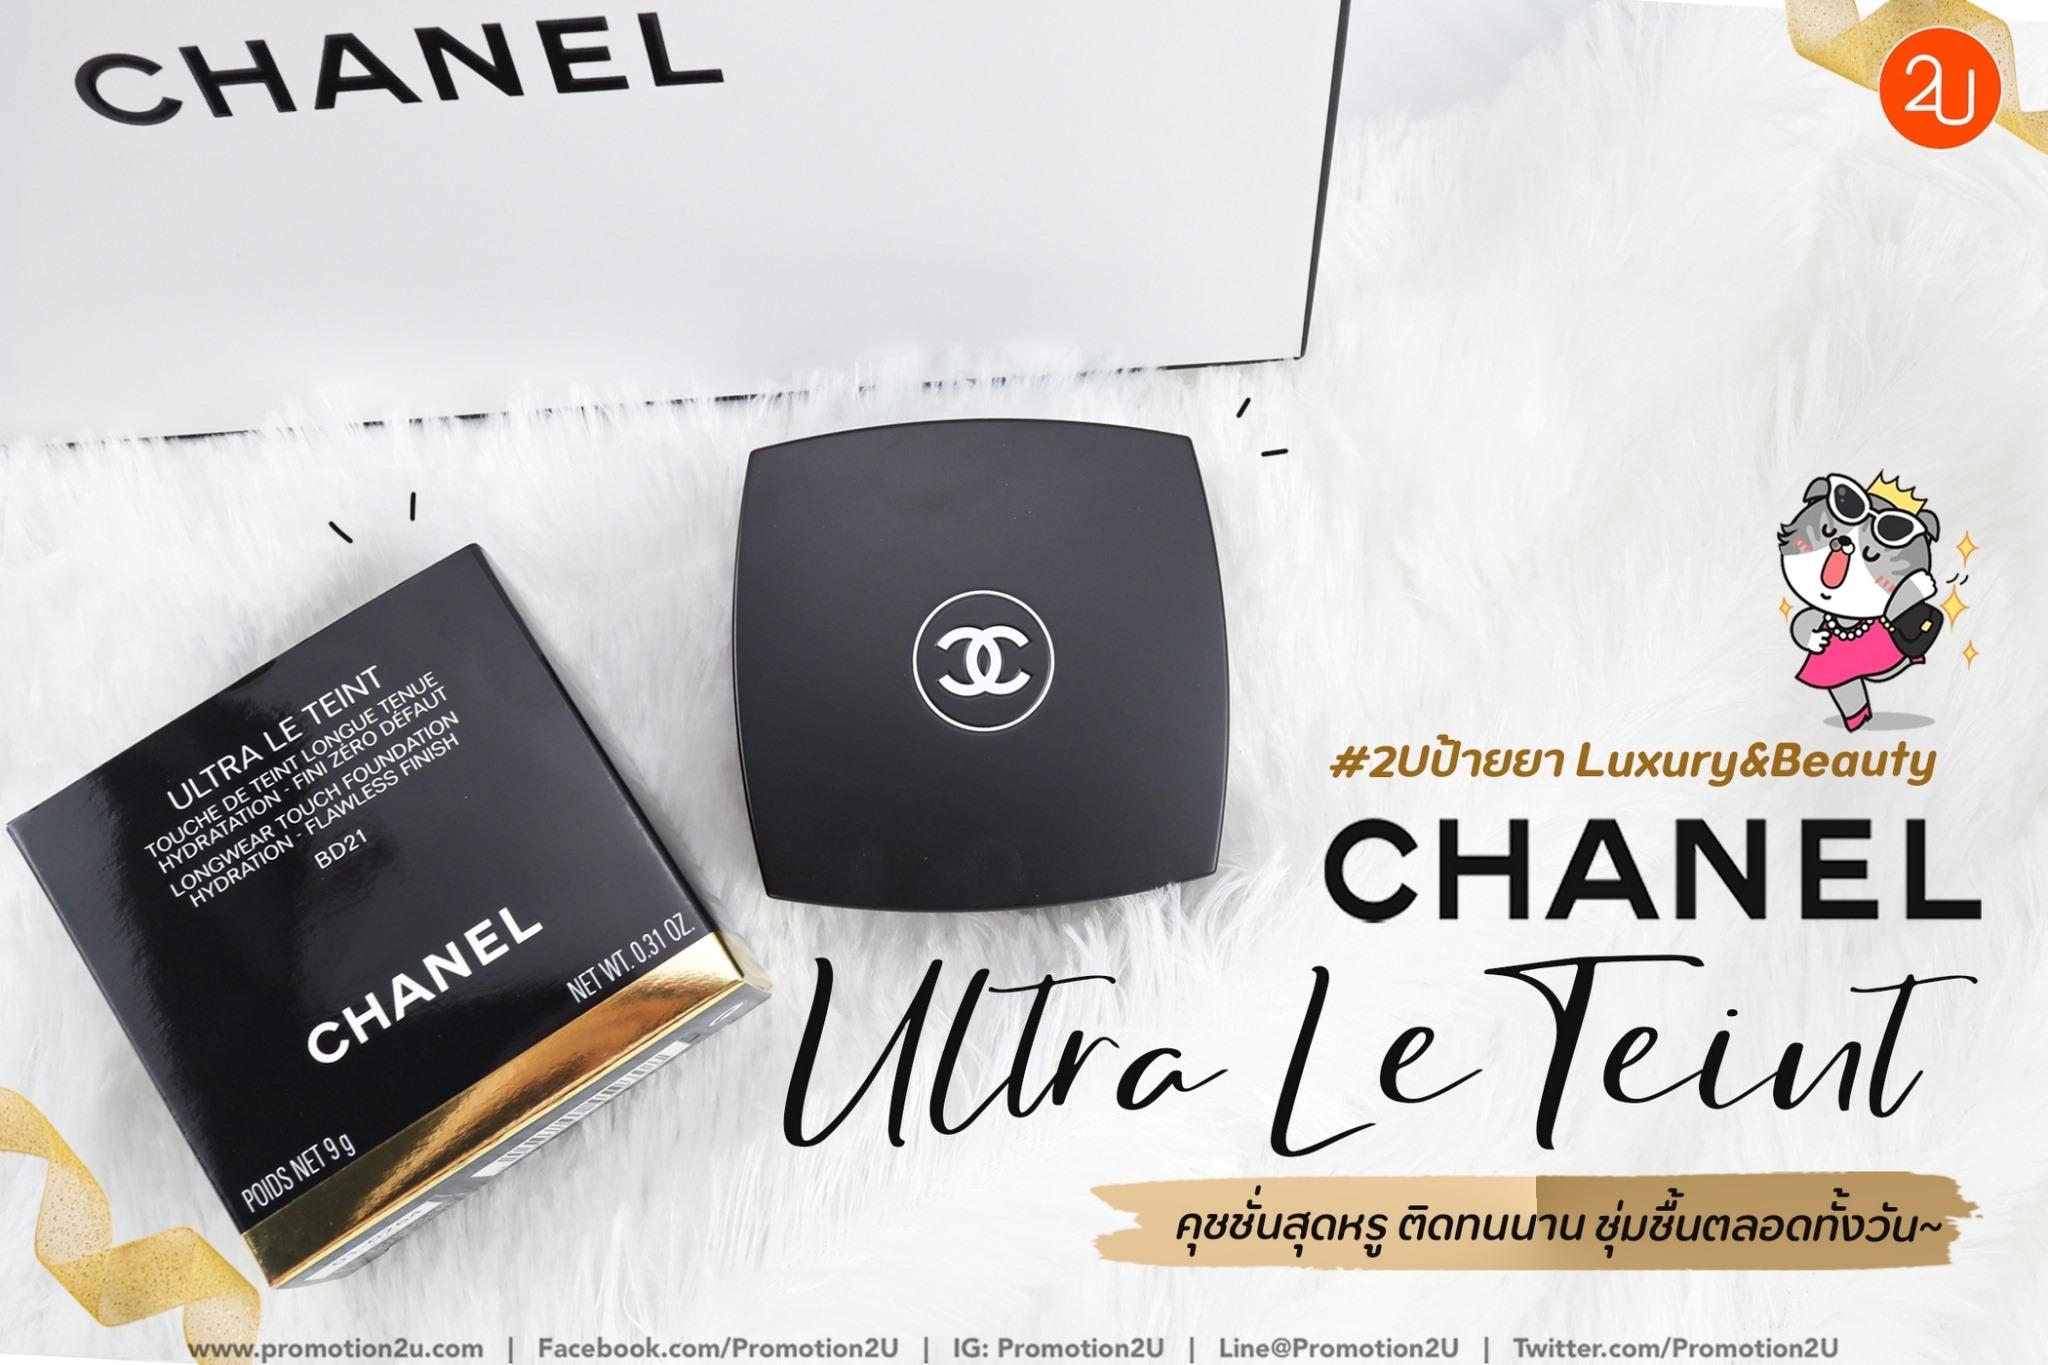 ใหม่! คุชชั่น Chanel รุ่น ULTRA LE TEINT ติดทนนาน ผิวเนียนกริบ เริ่ดเว่อร์!!